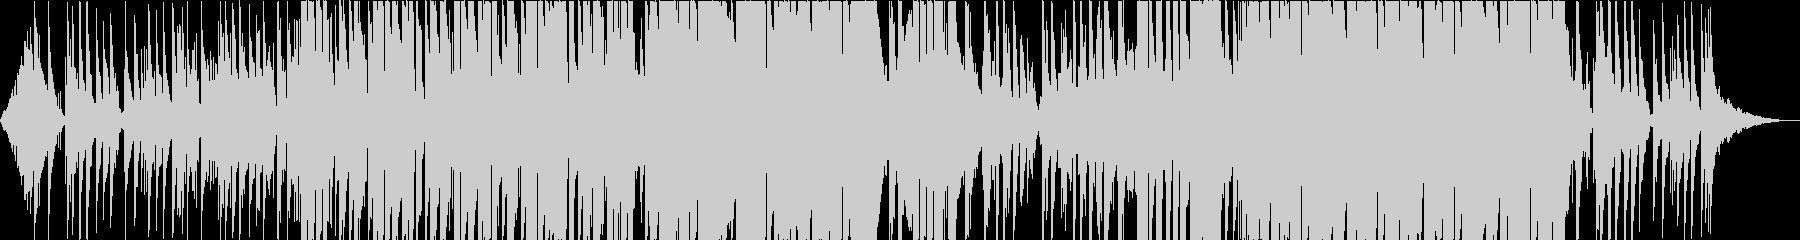 【トロピカルハウス】さわやかなEDMの未再生の波形